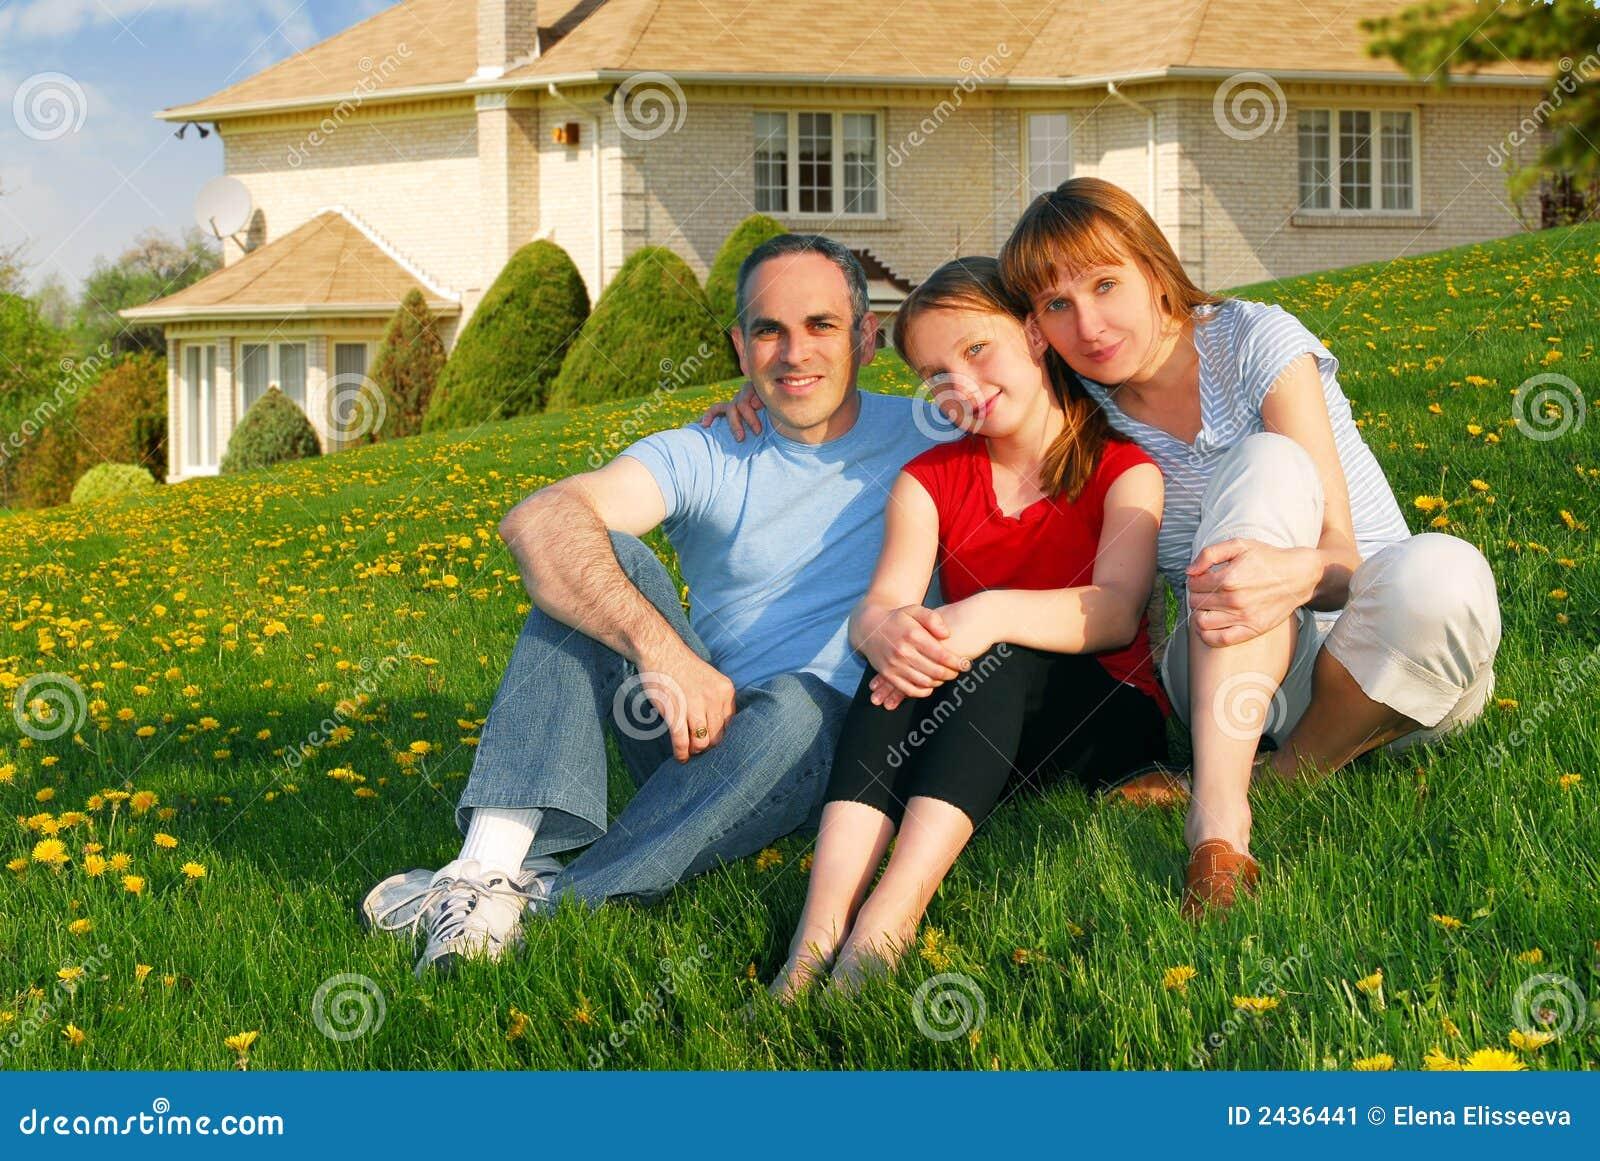 Familia en una casa imagen de archivo imagen de estado for Para su casa